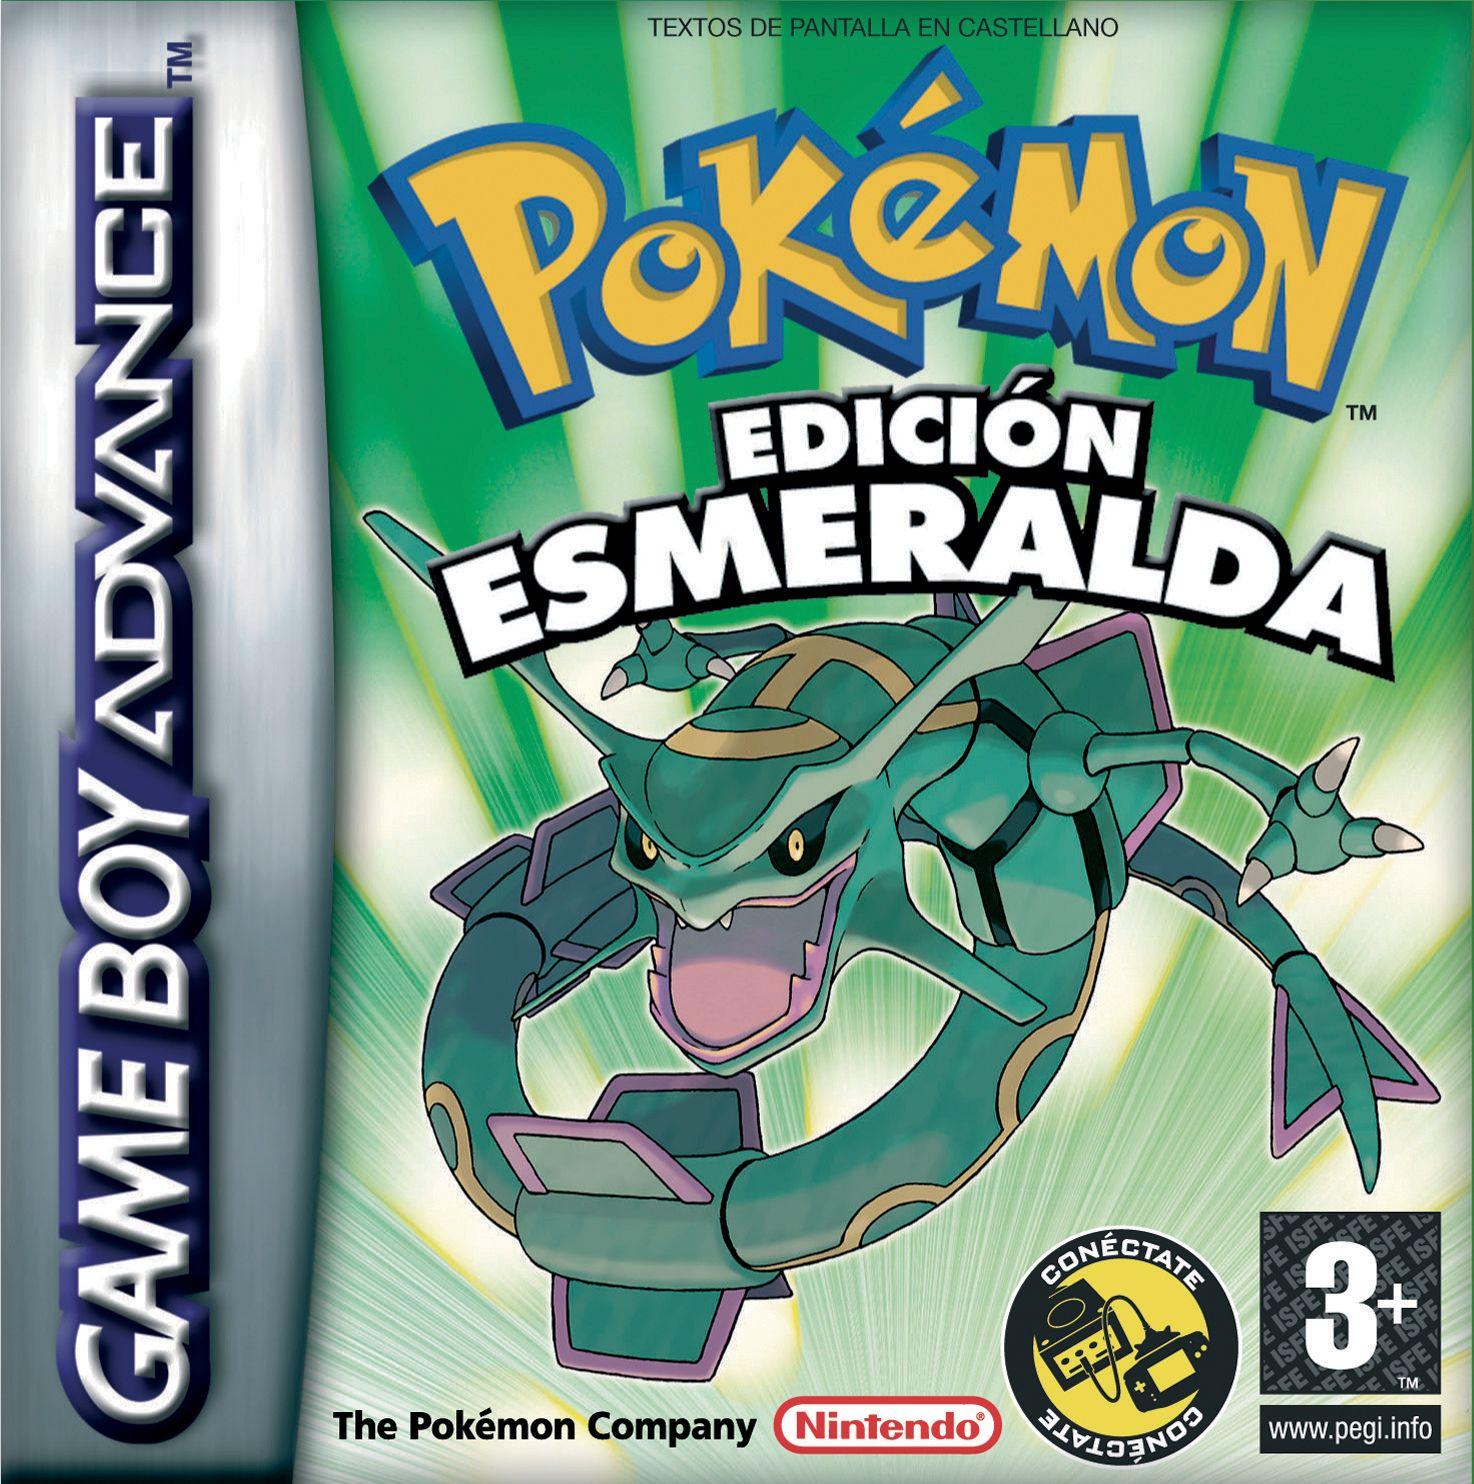 Pokémon Edición Esmeralda 2004 Pokemon Emerald Pokemon Pokemon Games